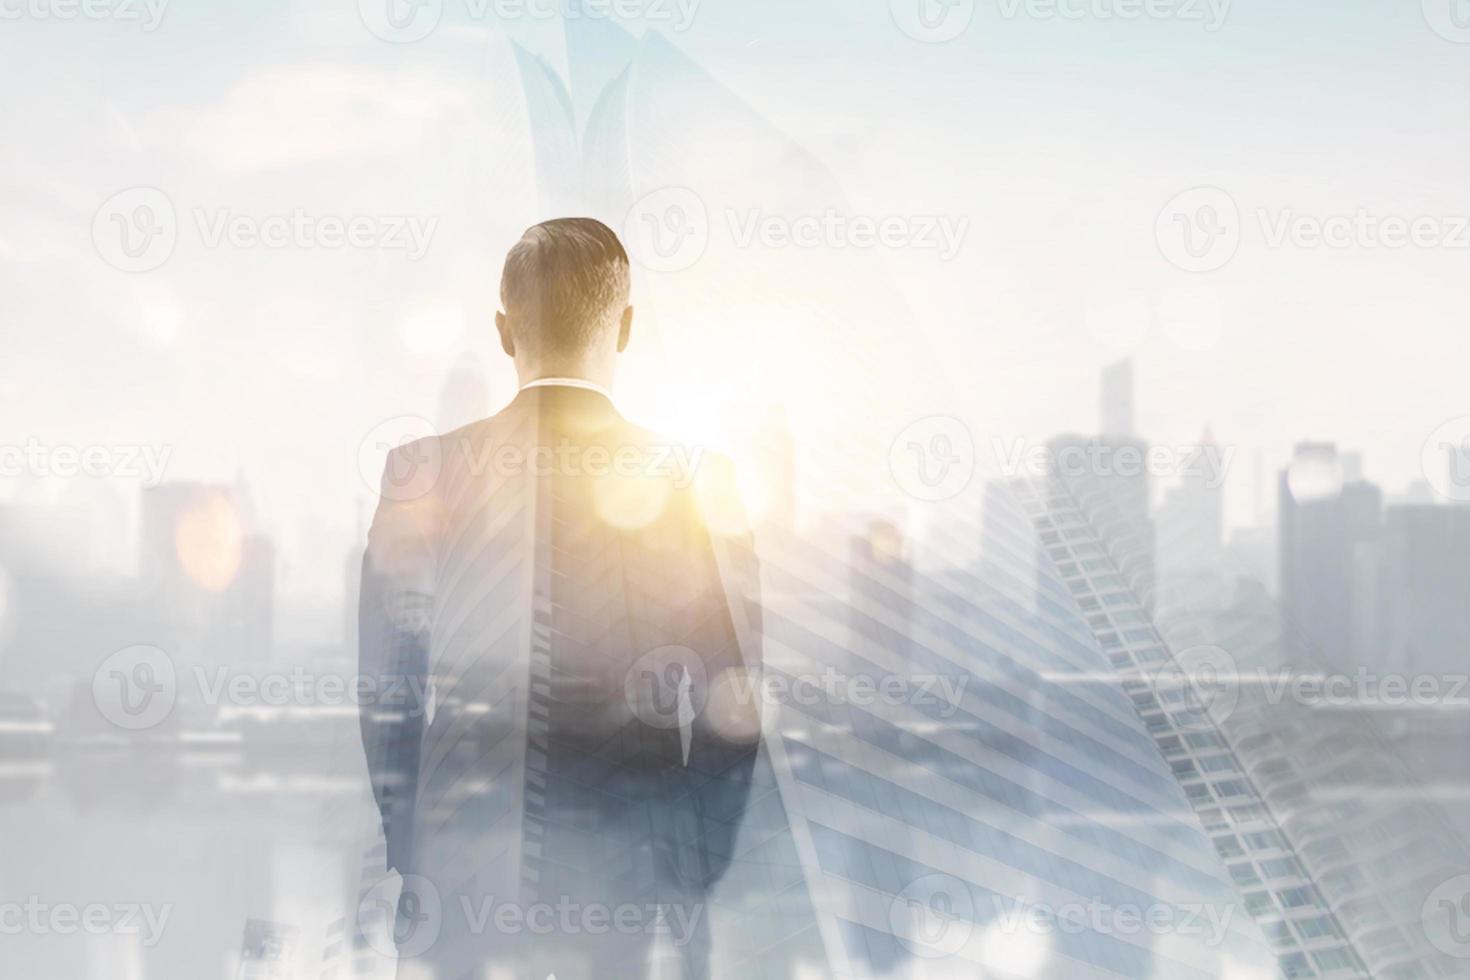 dupla exposição das costas do homem de terno olhando o horizonte da cidade e a luz do sol foto